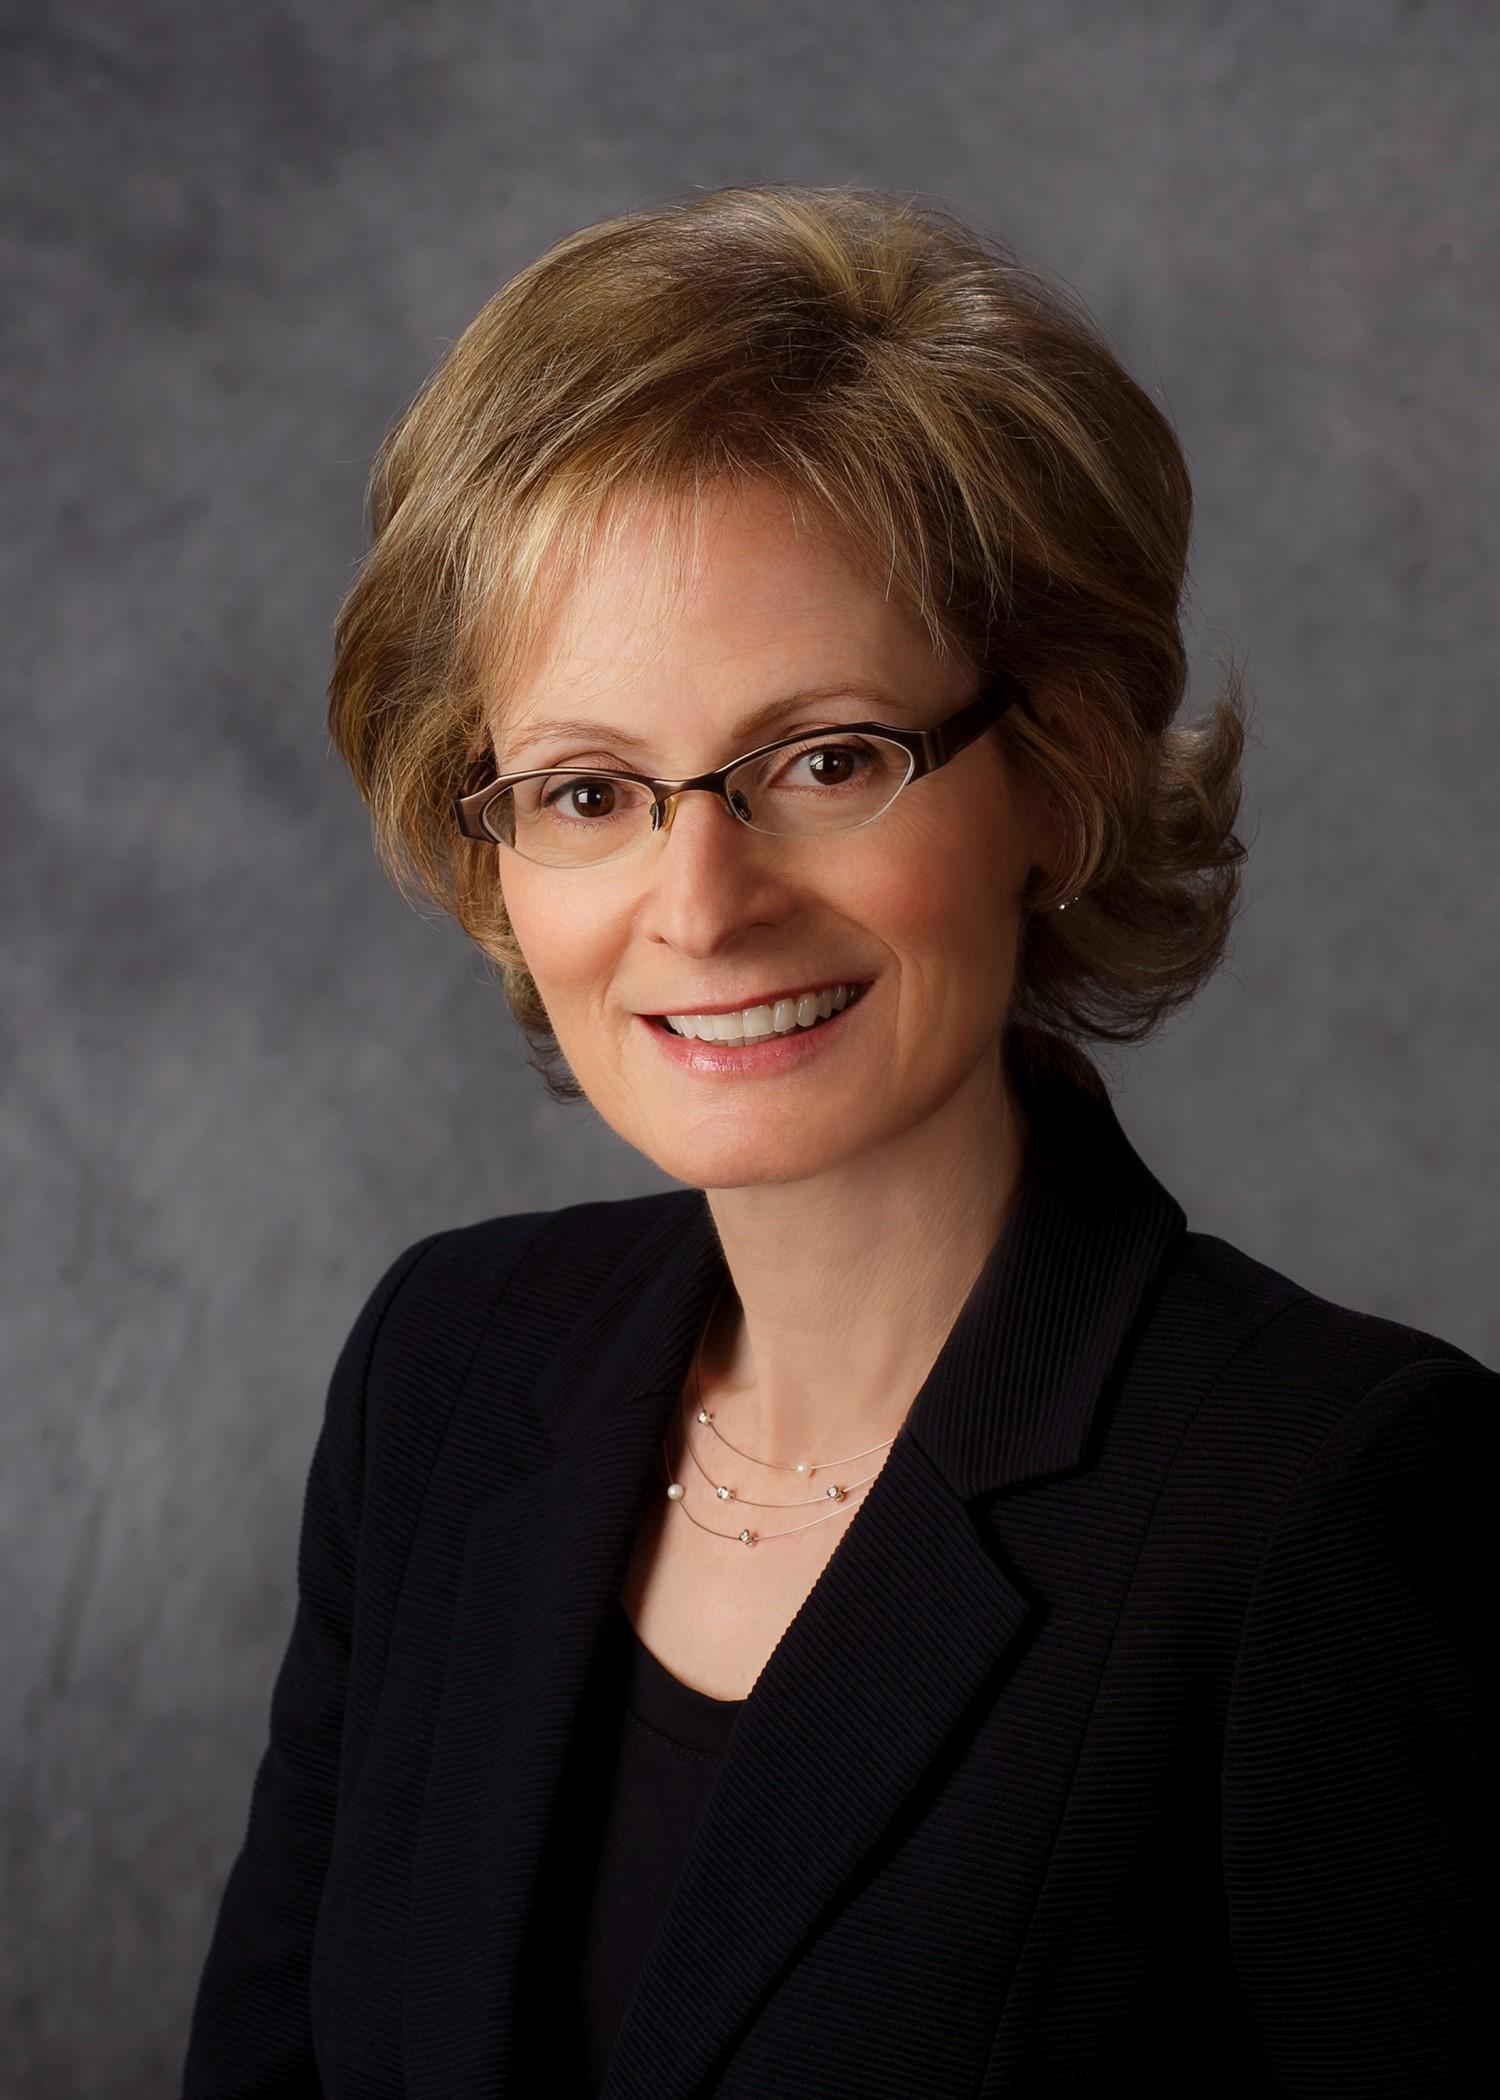 Risa Freeman